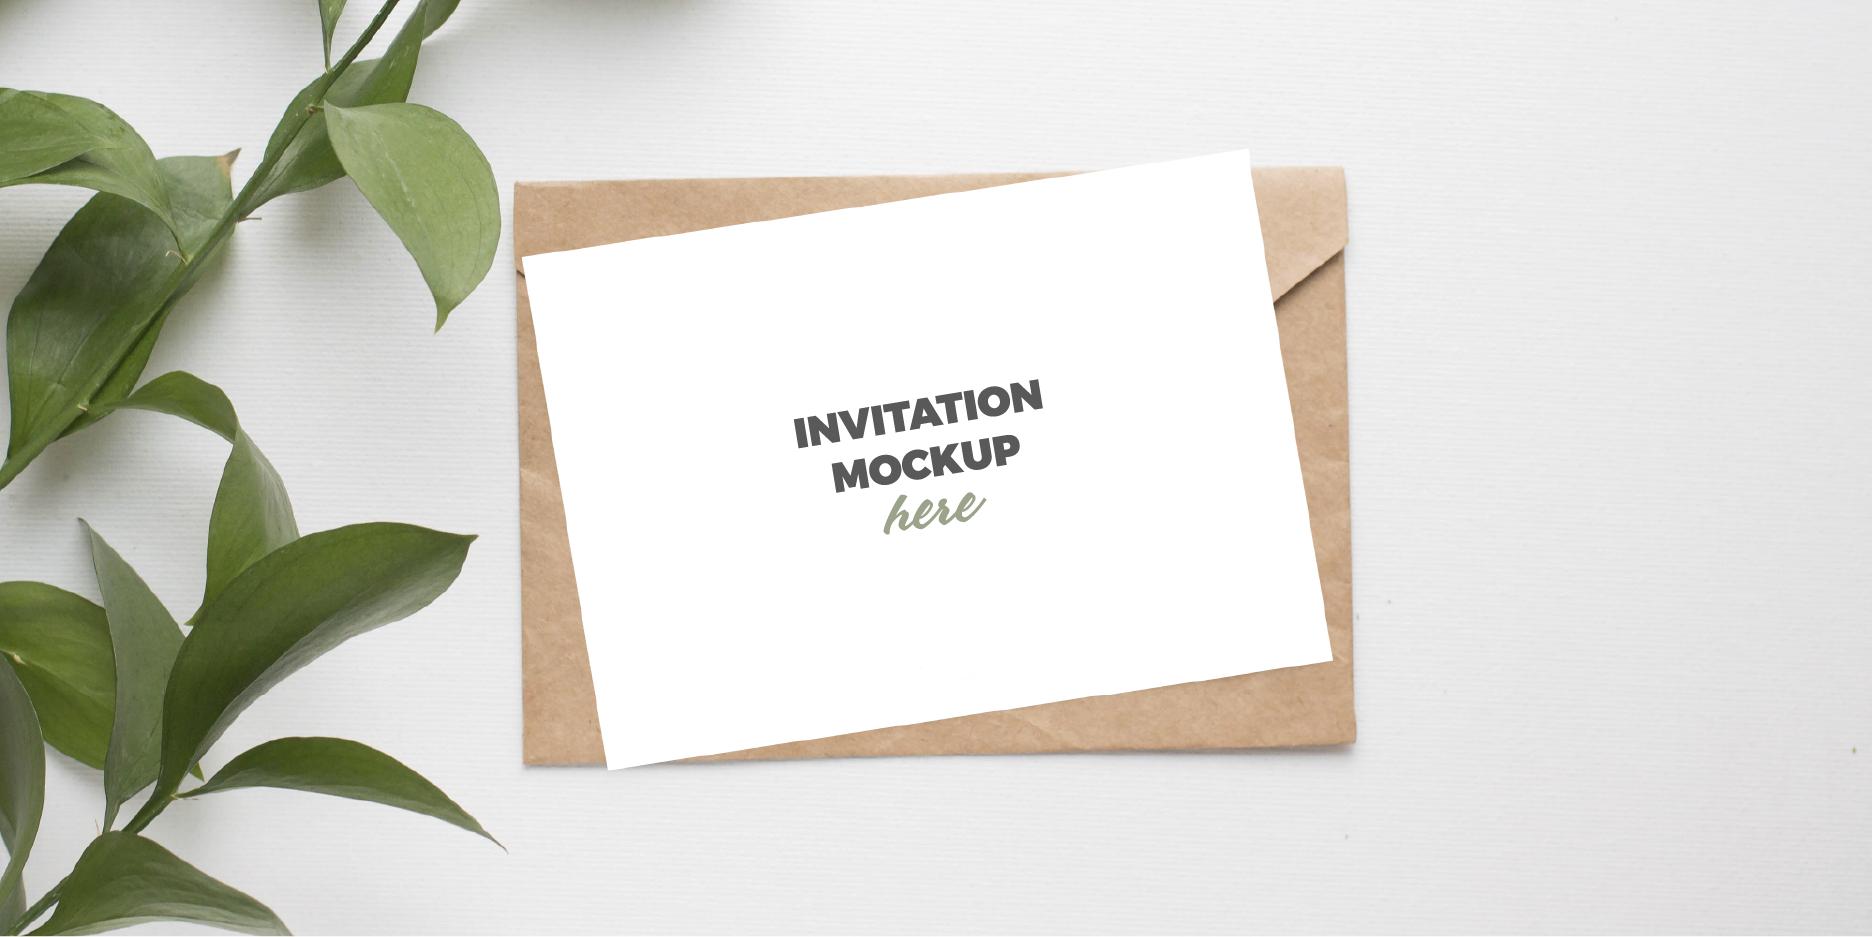 descarga maqueta para tarjeta de invitacion para bodas y cumpleaños gratis en psd